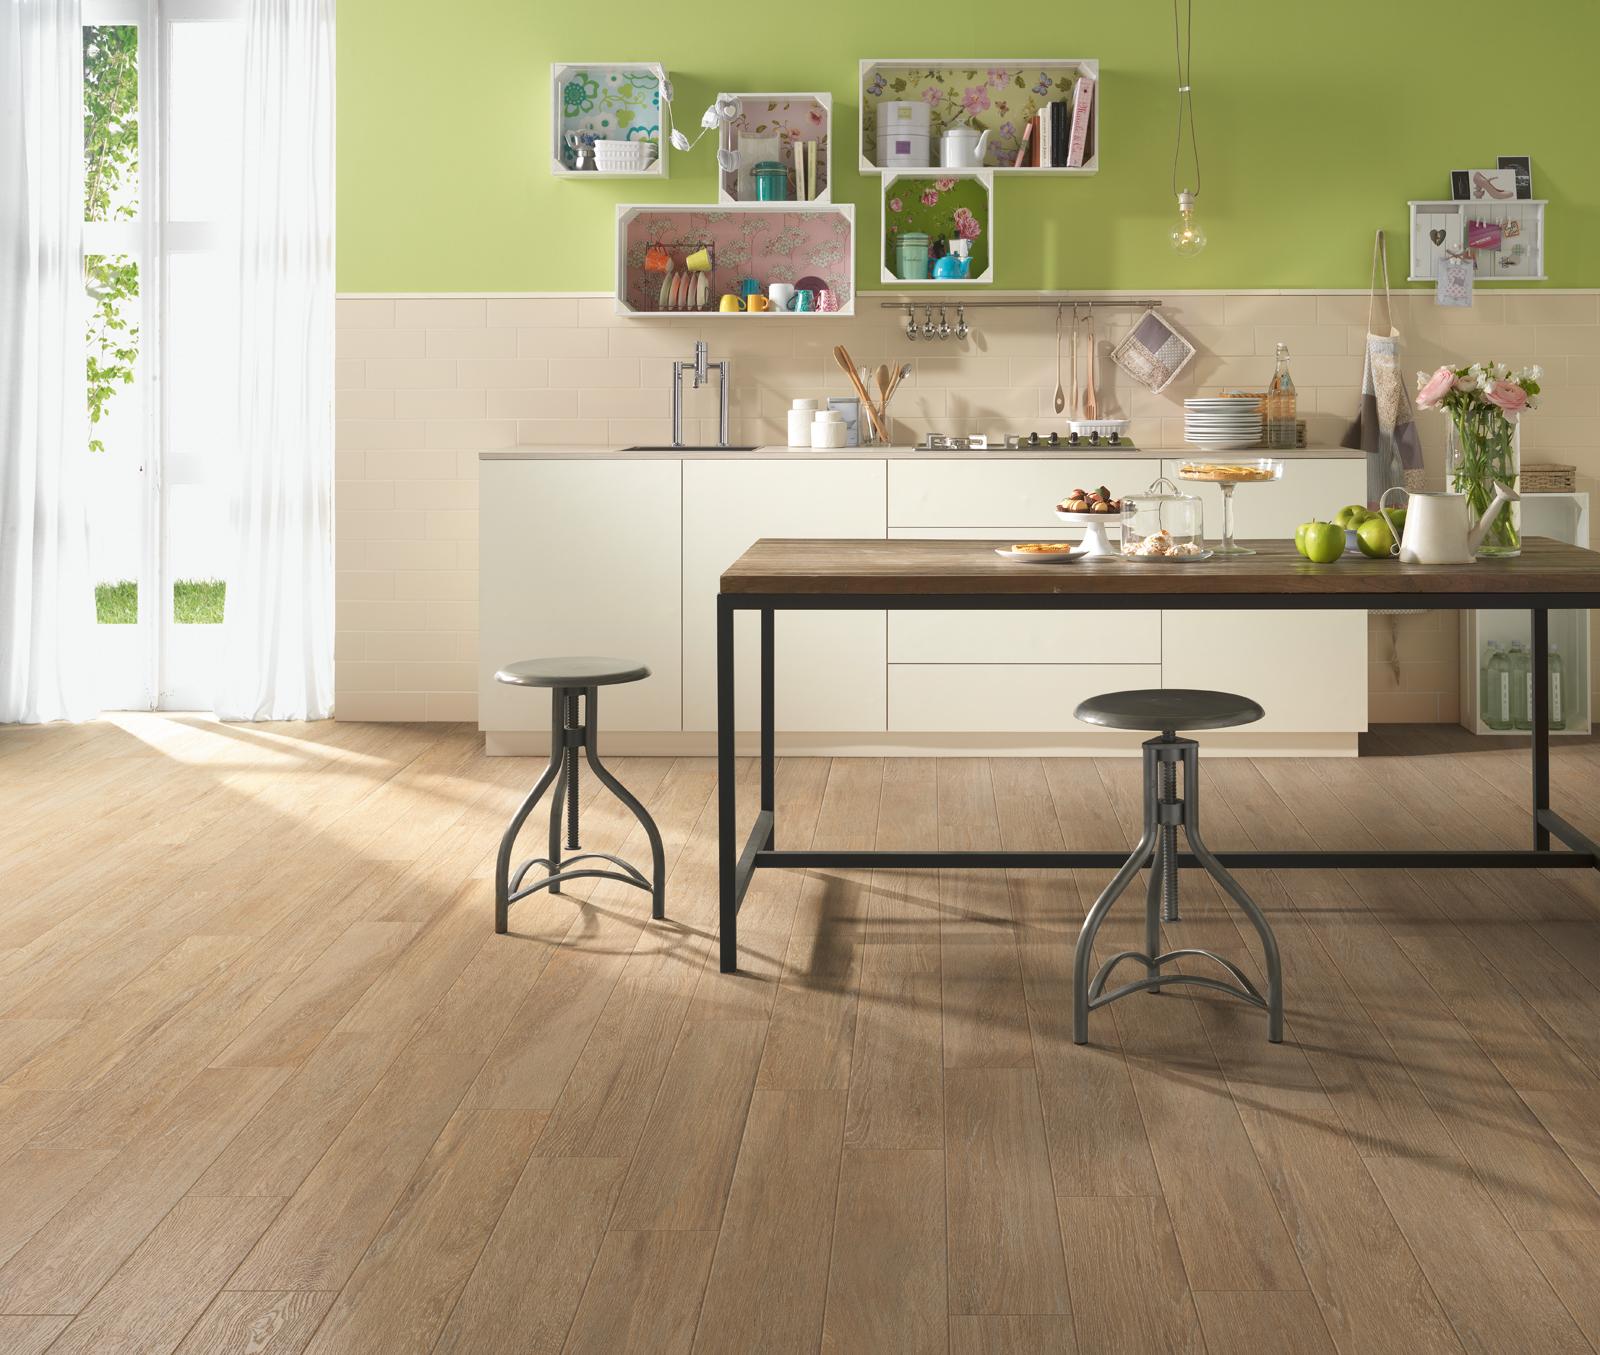 Marazzi Tile Kitchen Design